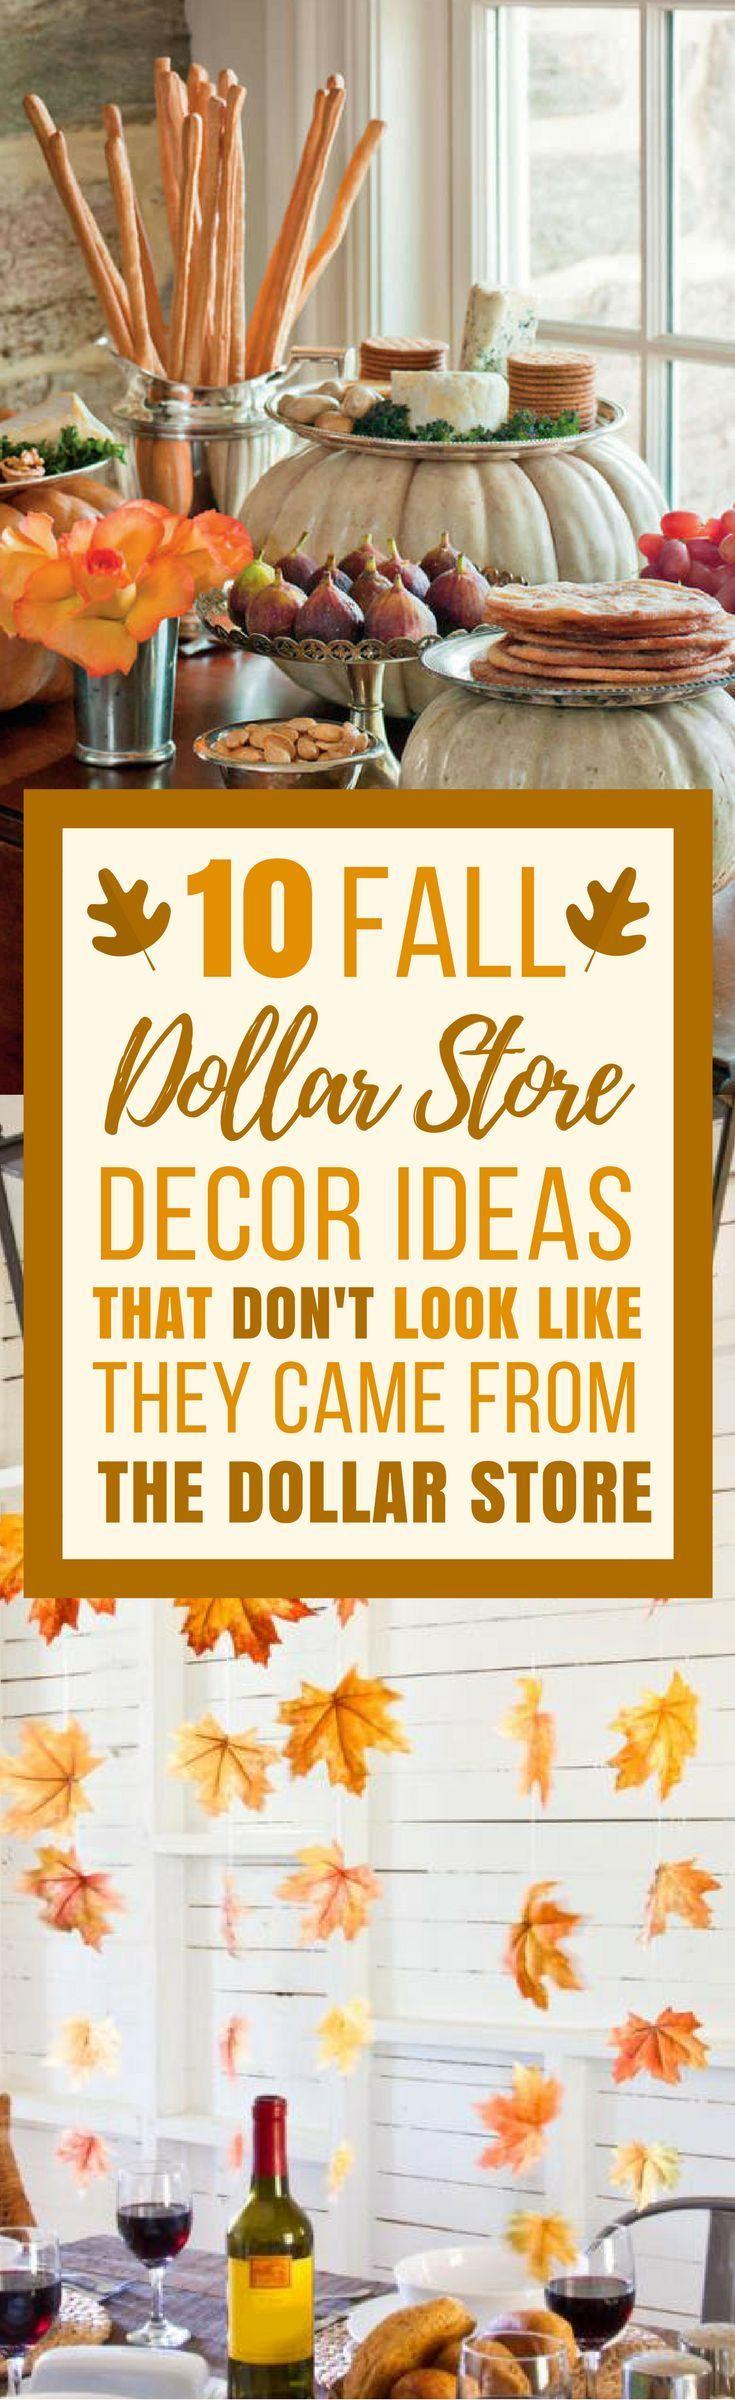 10 DIY-Dekoideen für den Herbst Sie können Artik…